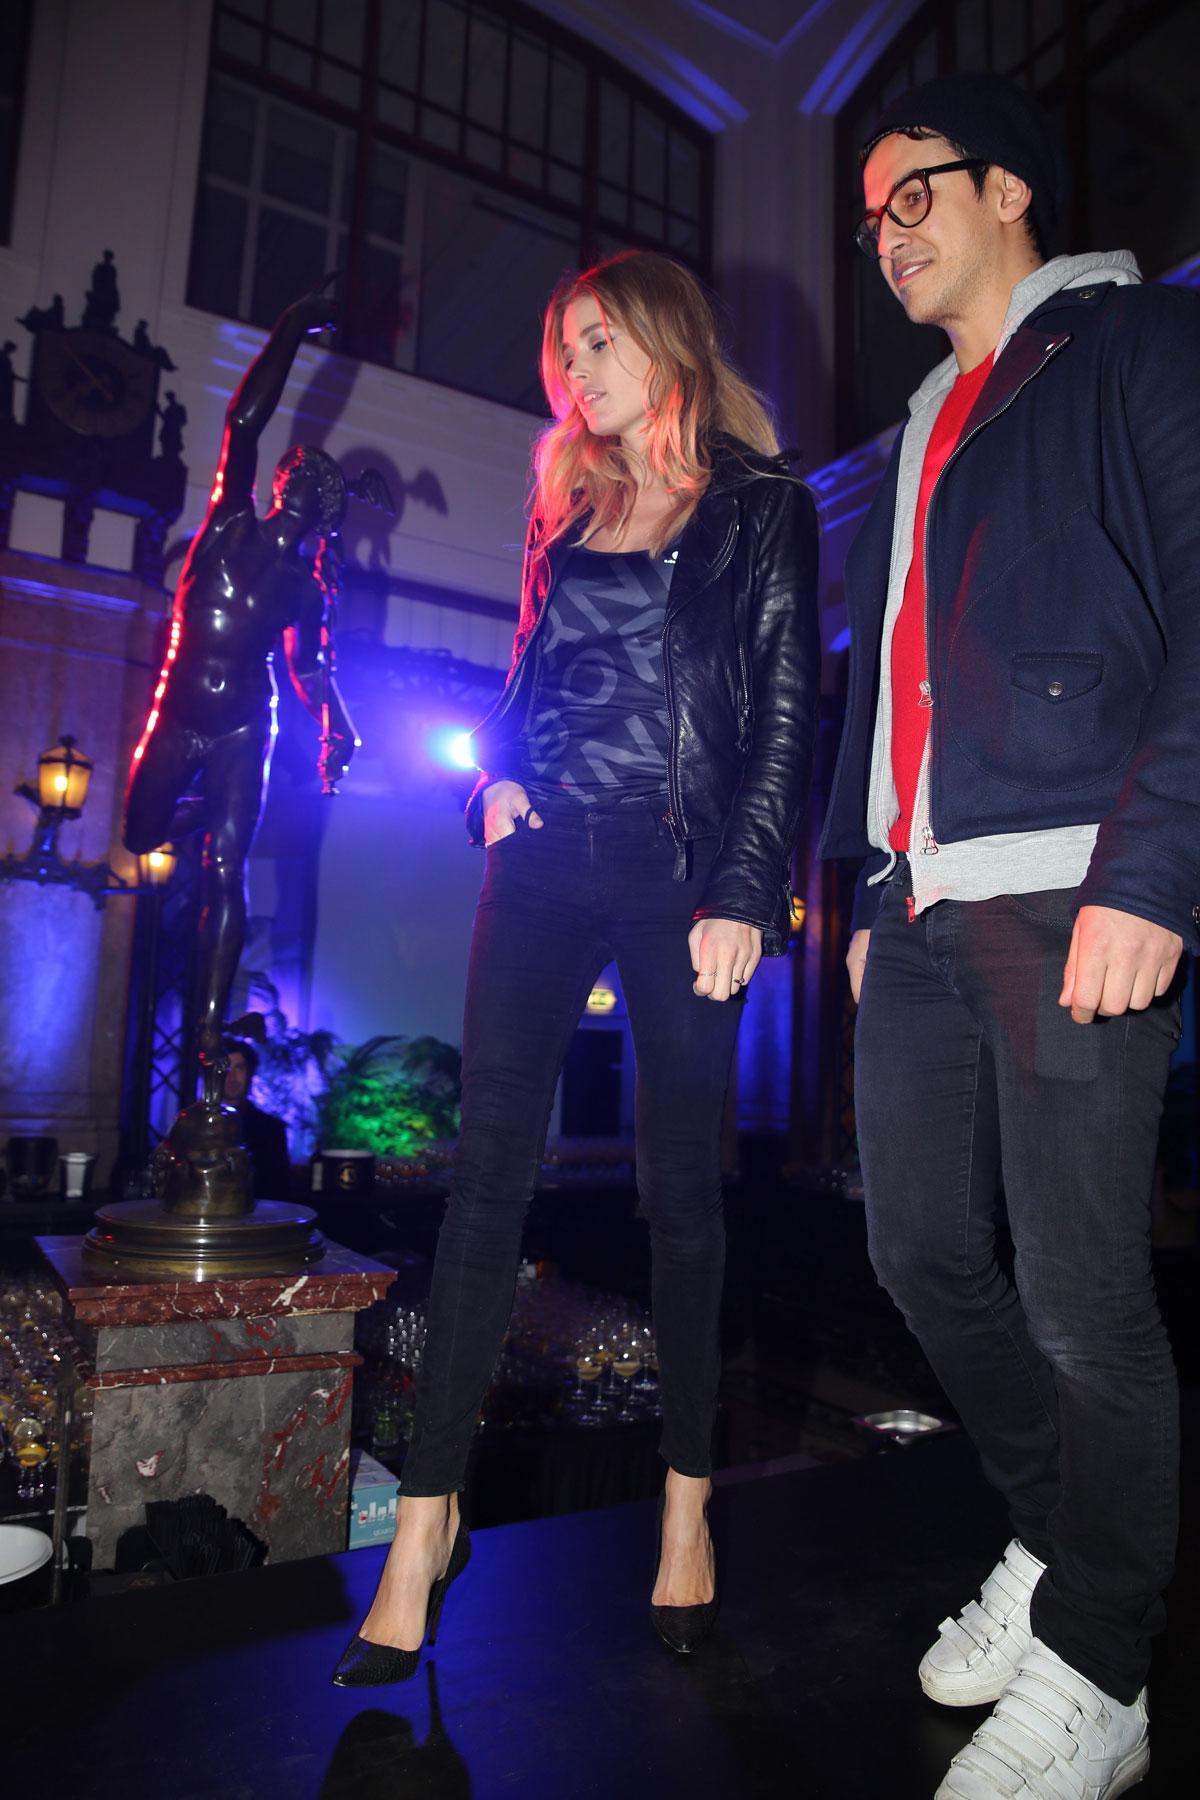 Doutzen Kroes attends Bjorn Borg fashion show